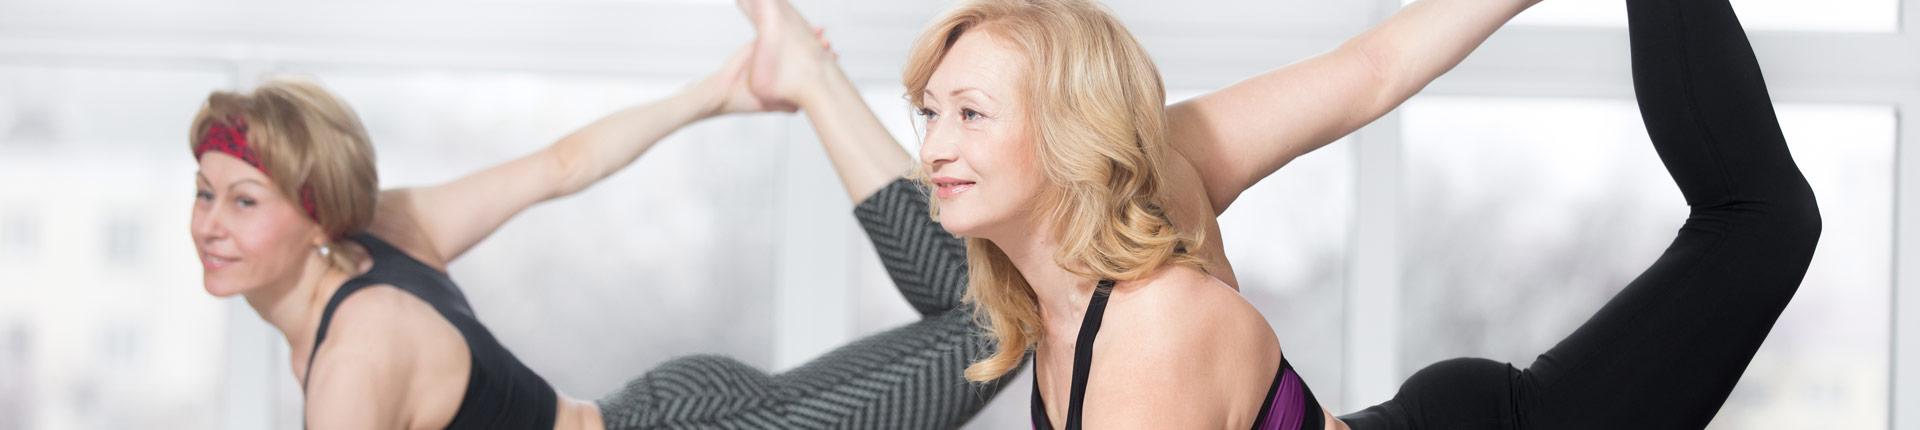 Jak się schudnąć po menopauzie? Badania naukowe!